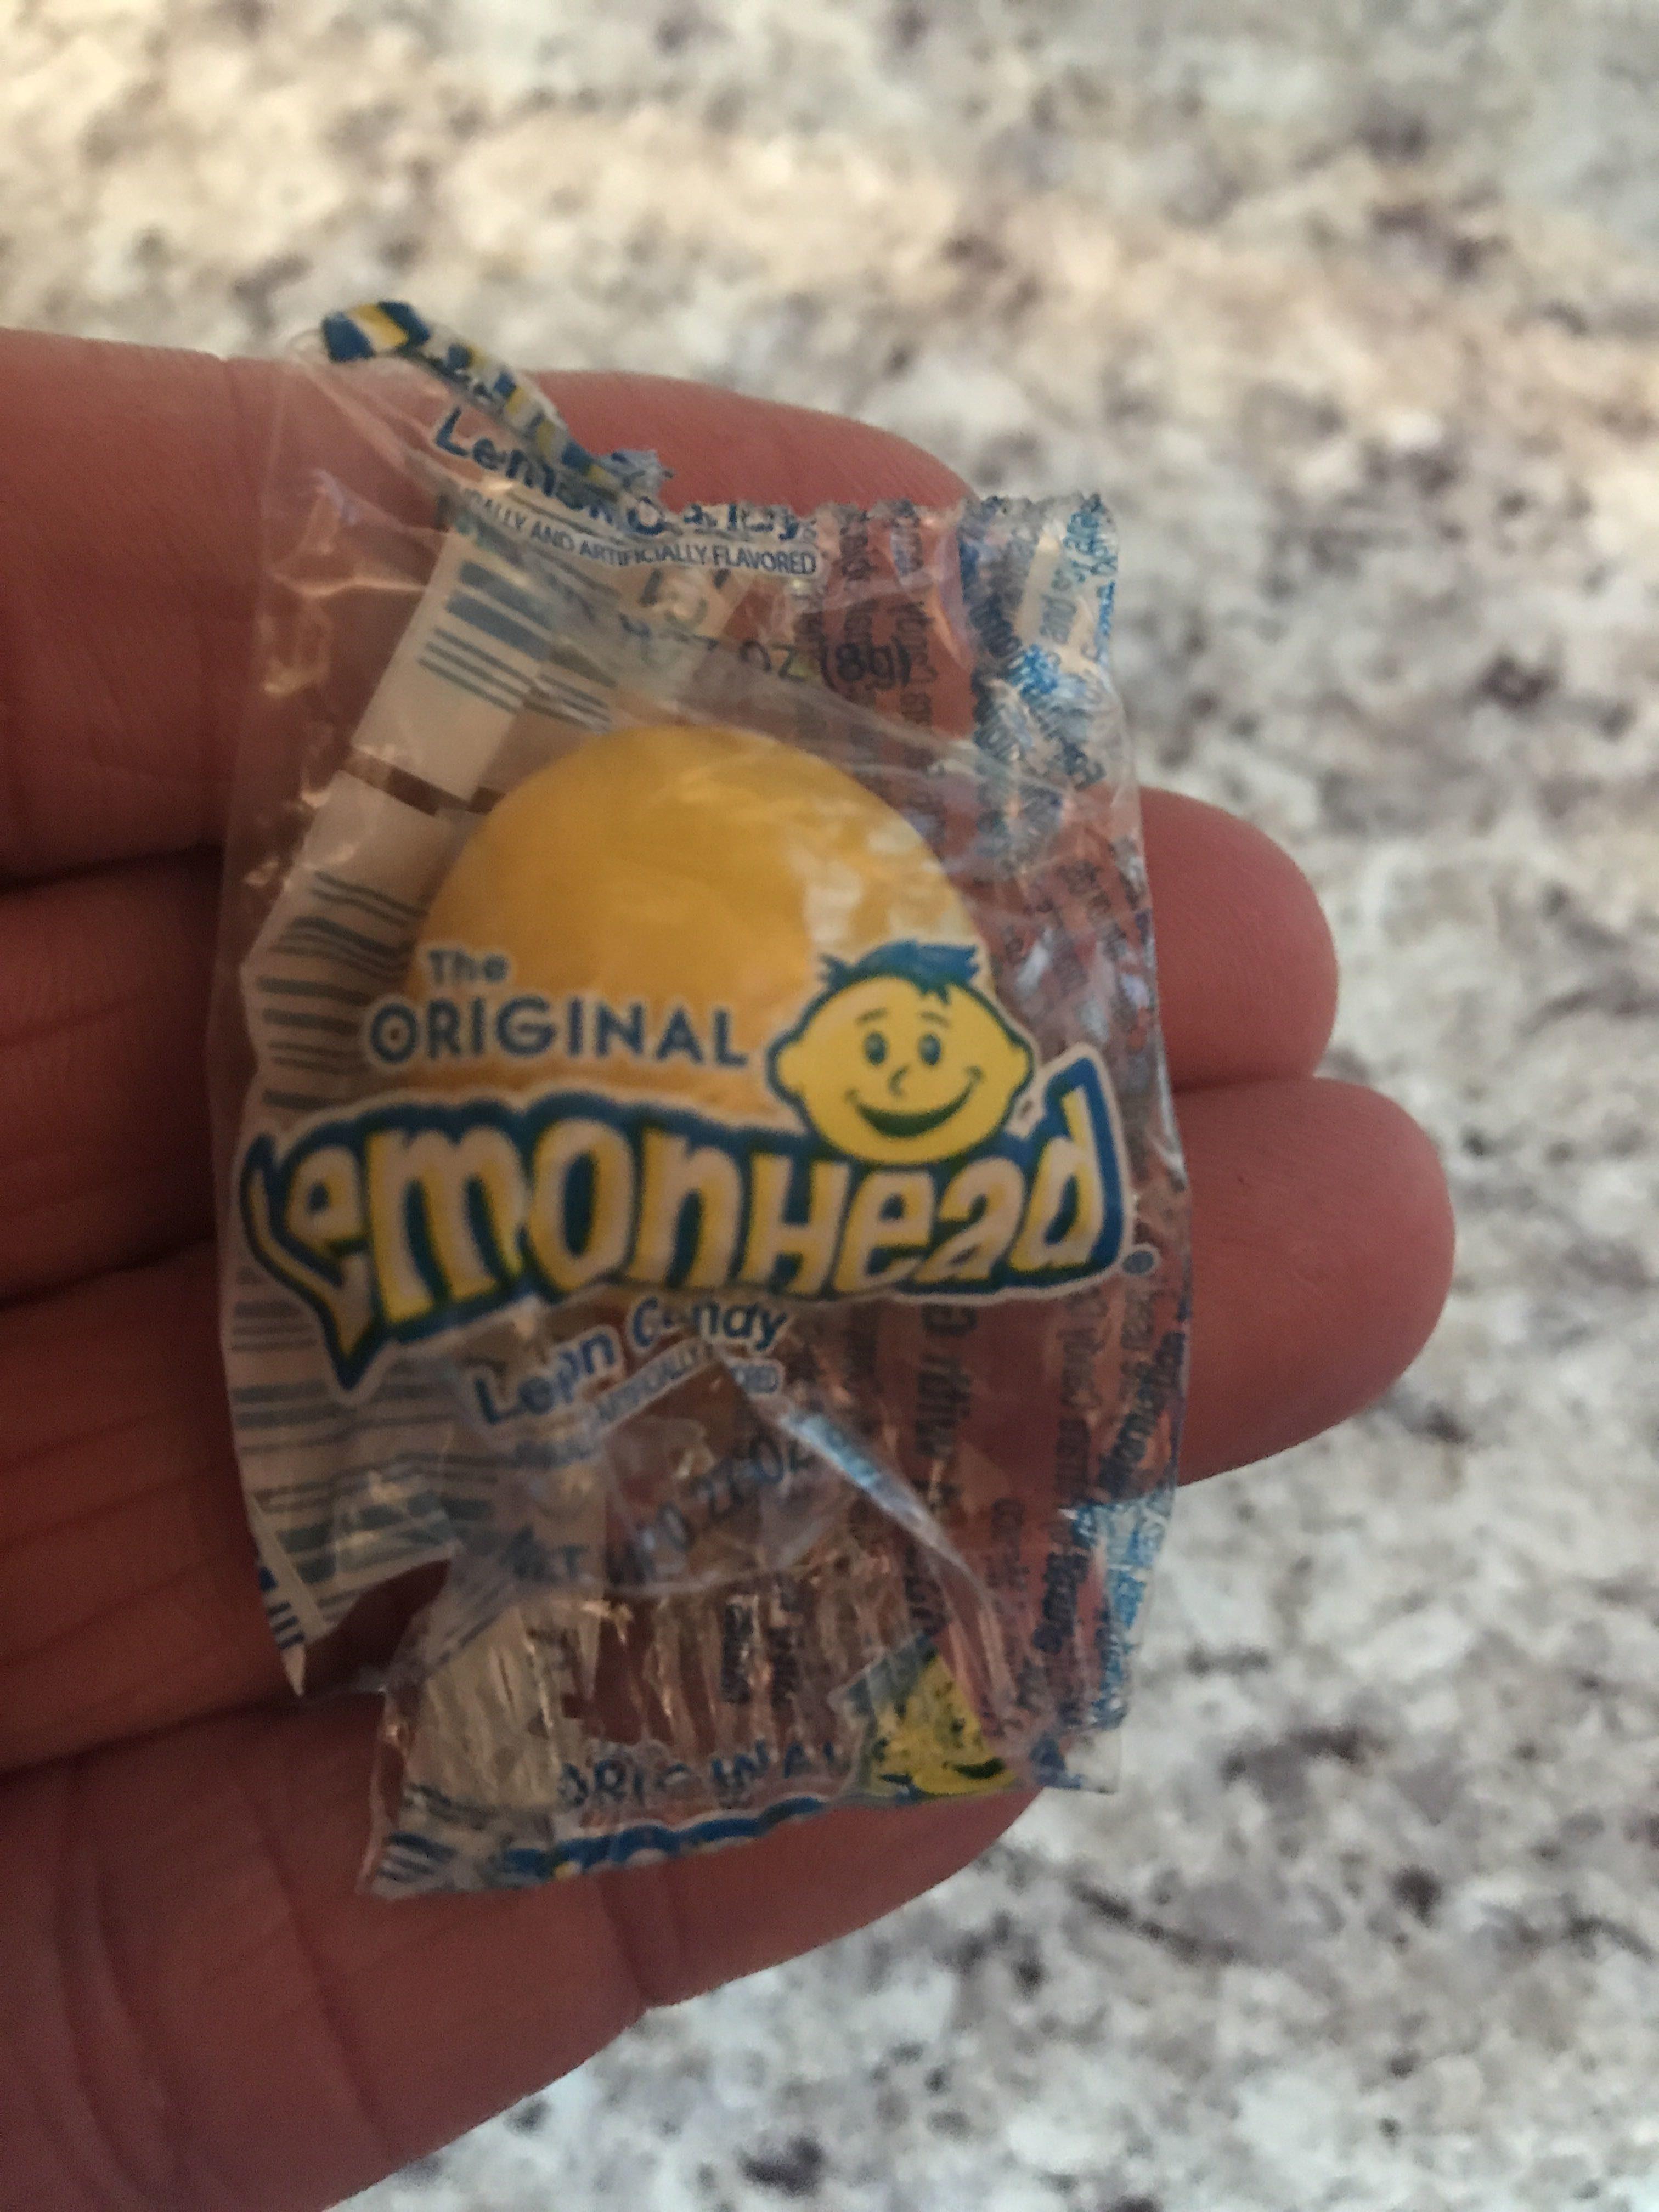 Lemonhead - Product